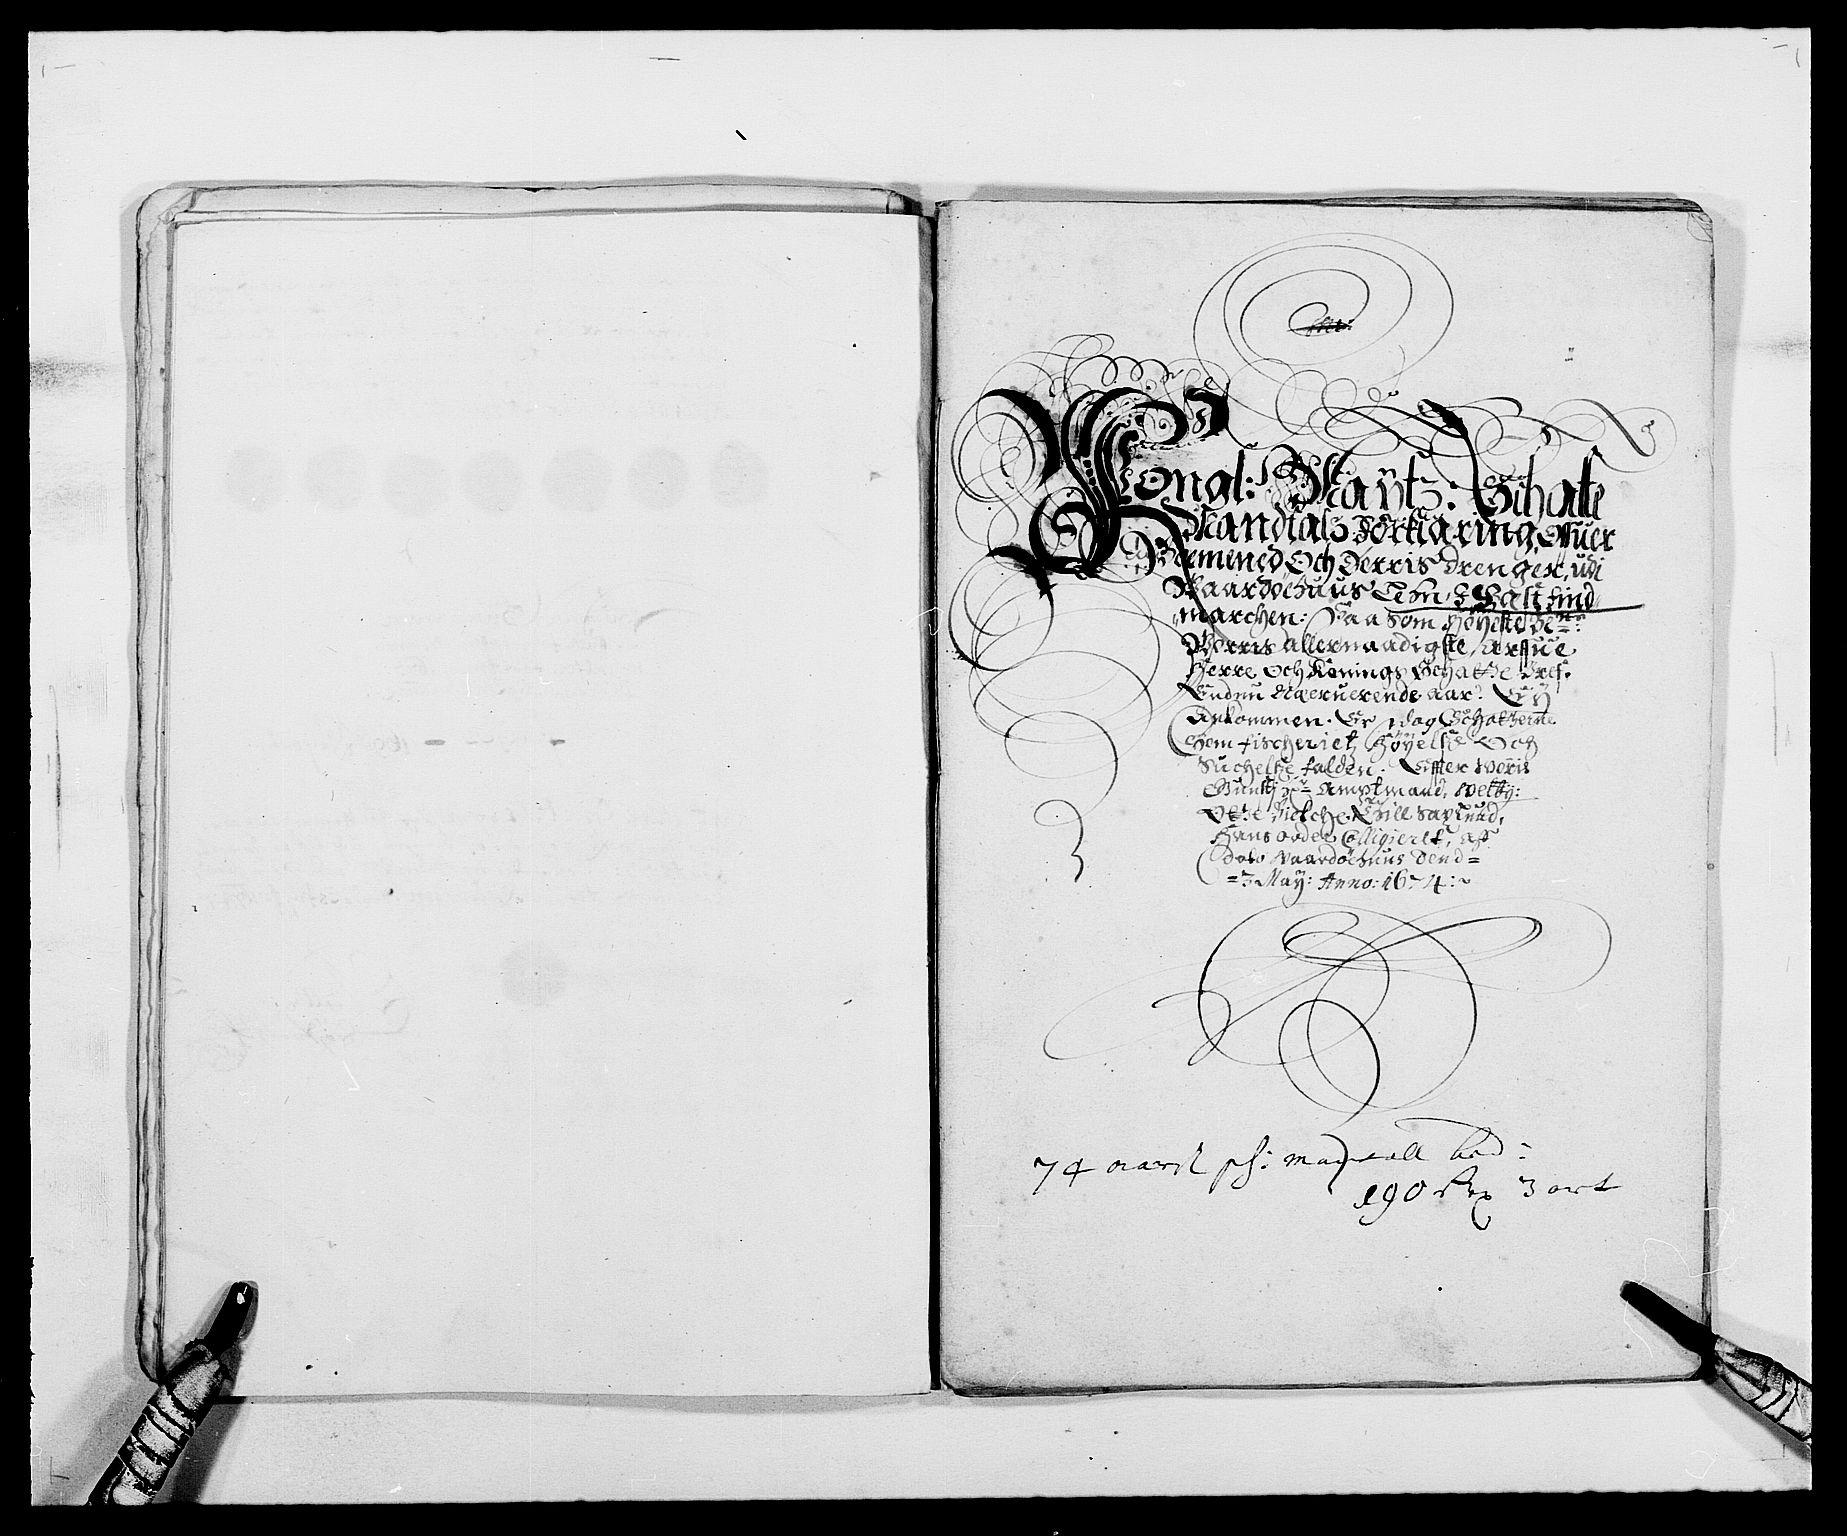 RA, Rentekammeret inntil 1814, Reviderte regnskaper, Fogderegnskap, R69/L4849: Fogderegnskap Finnmark/Vardøhus, 1661-1679, s. 303